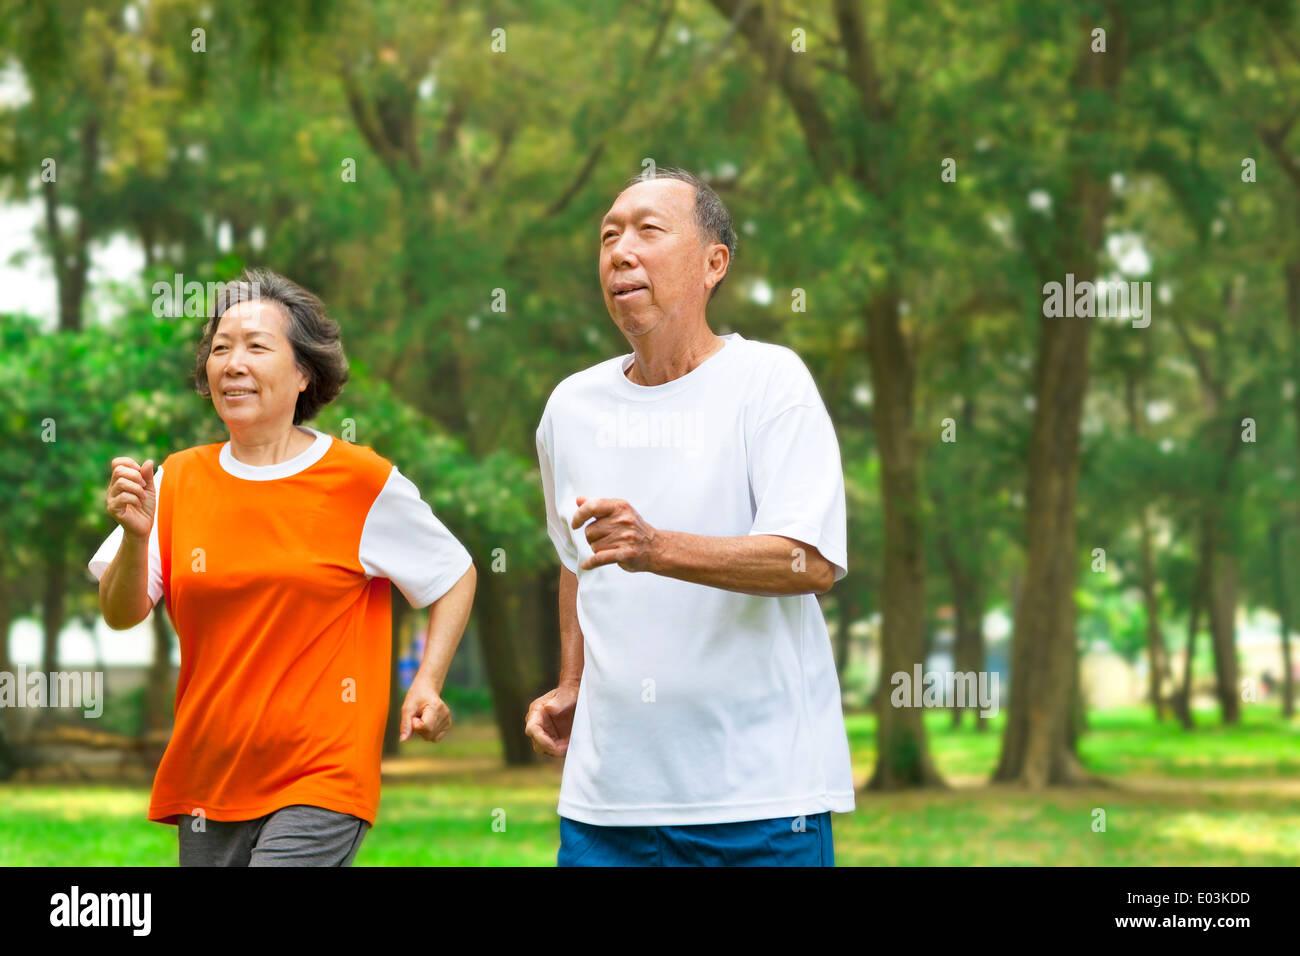 Feliz pareja senior correr juntos en el parque Imagen De Stock